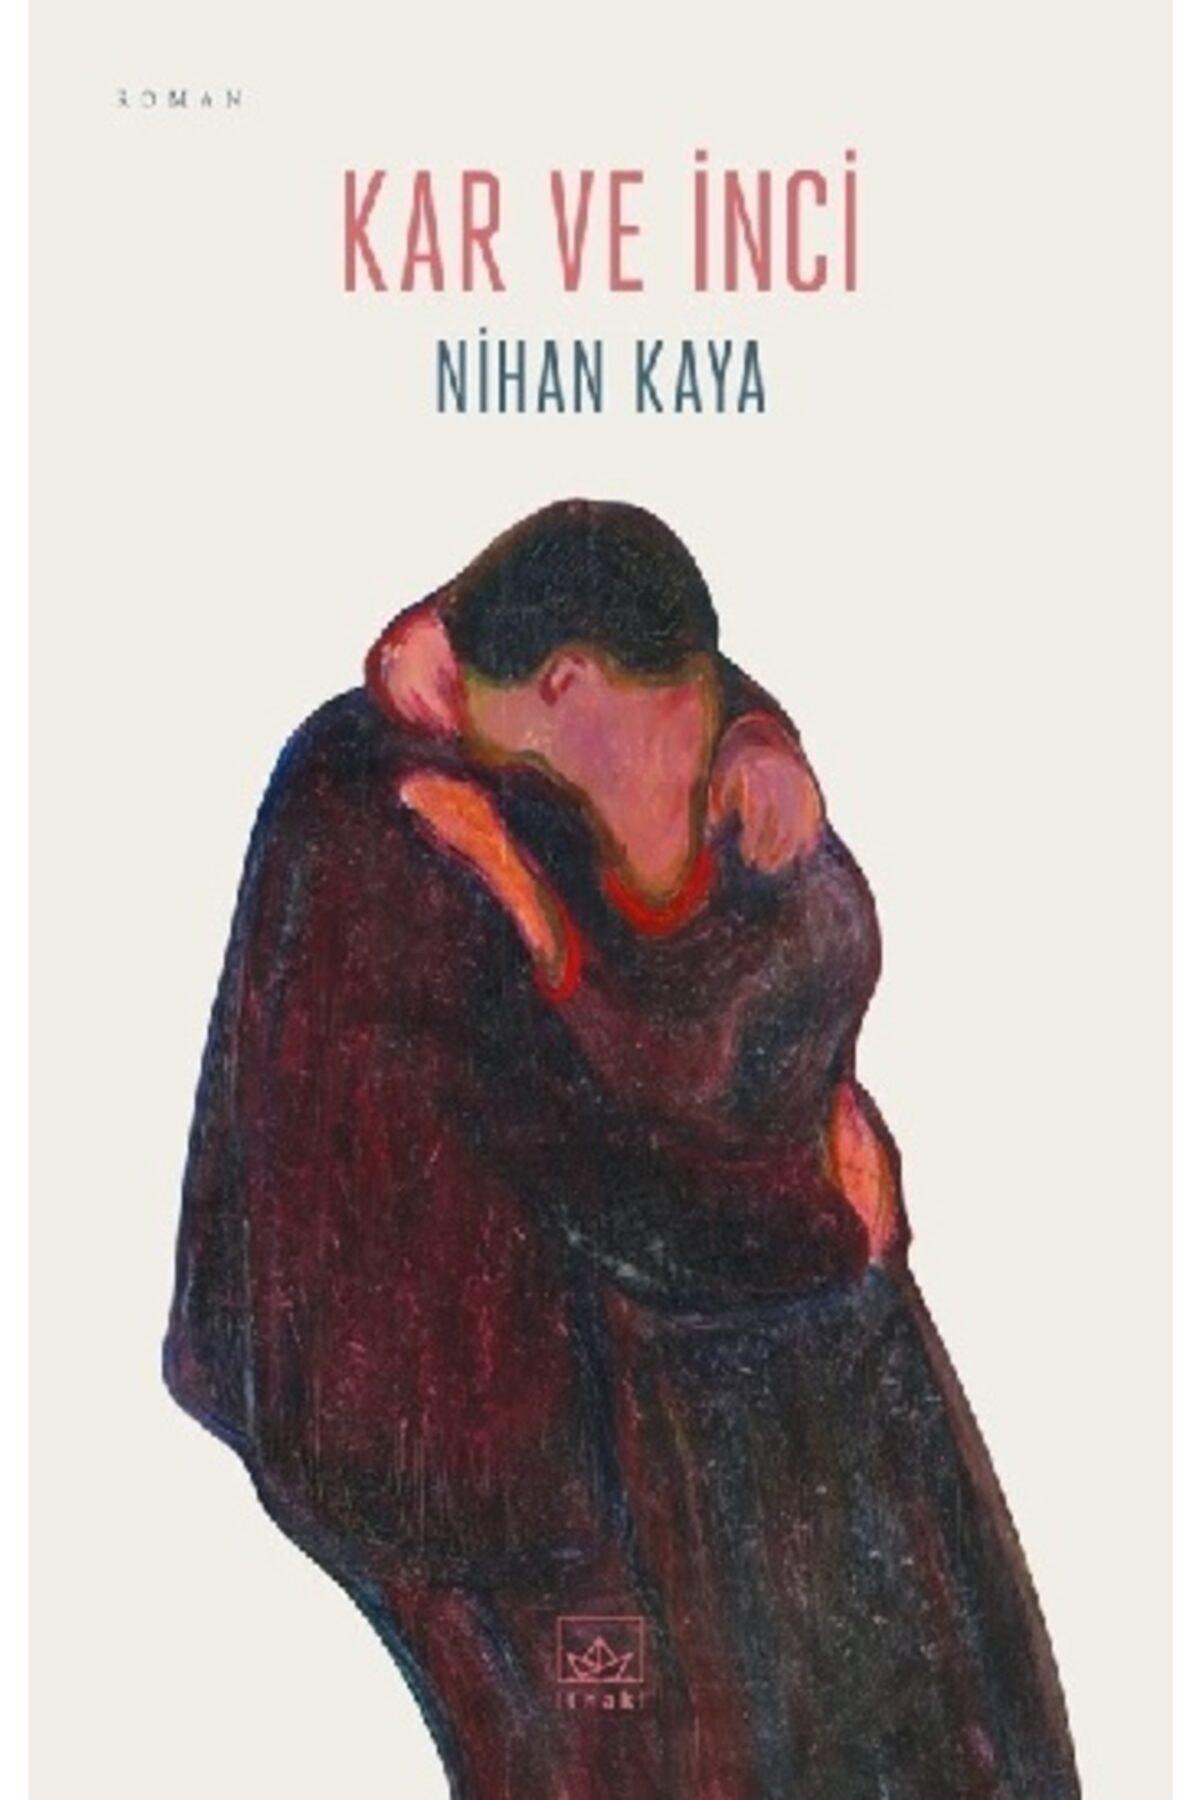 İthaki Yayınları Kar Ve Inci - - Nihan Kaya 1